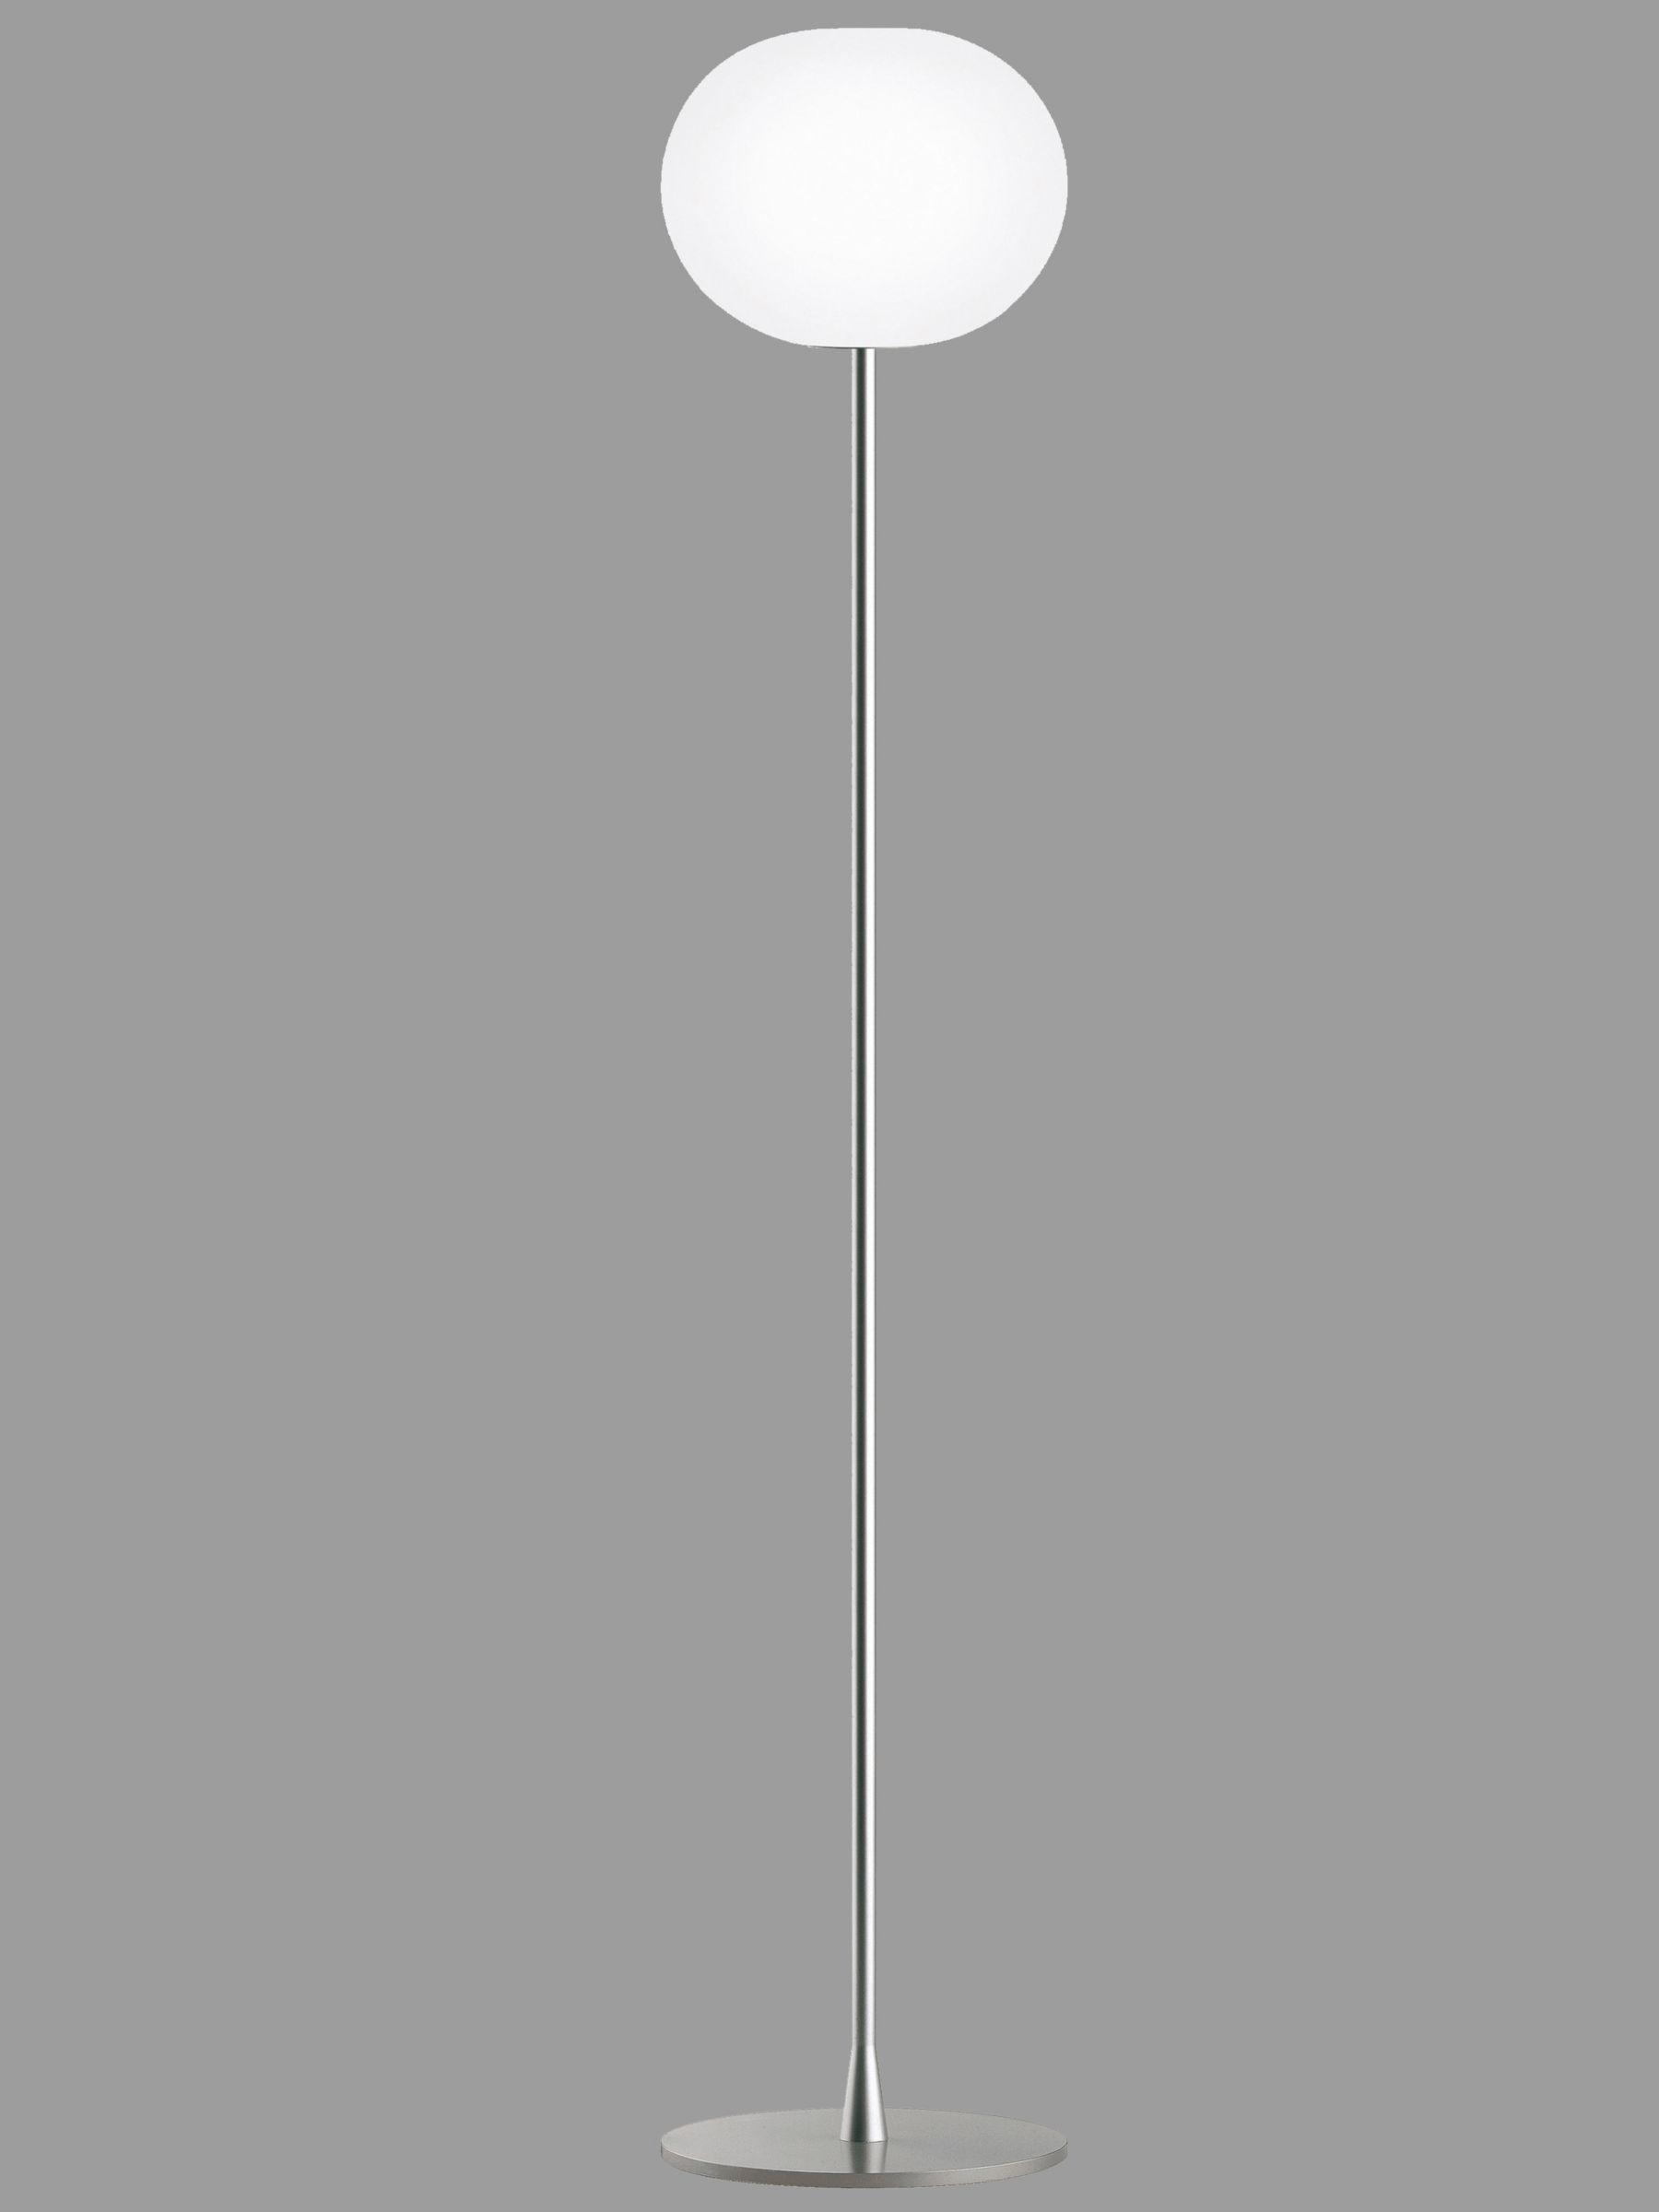 Flos Flos Glo-Ball F2 Floor Lamp, Silver